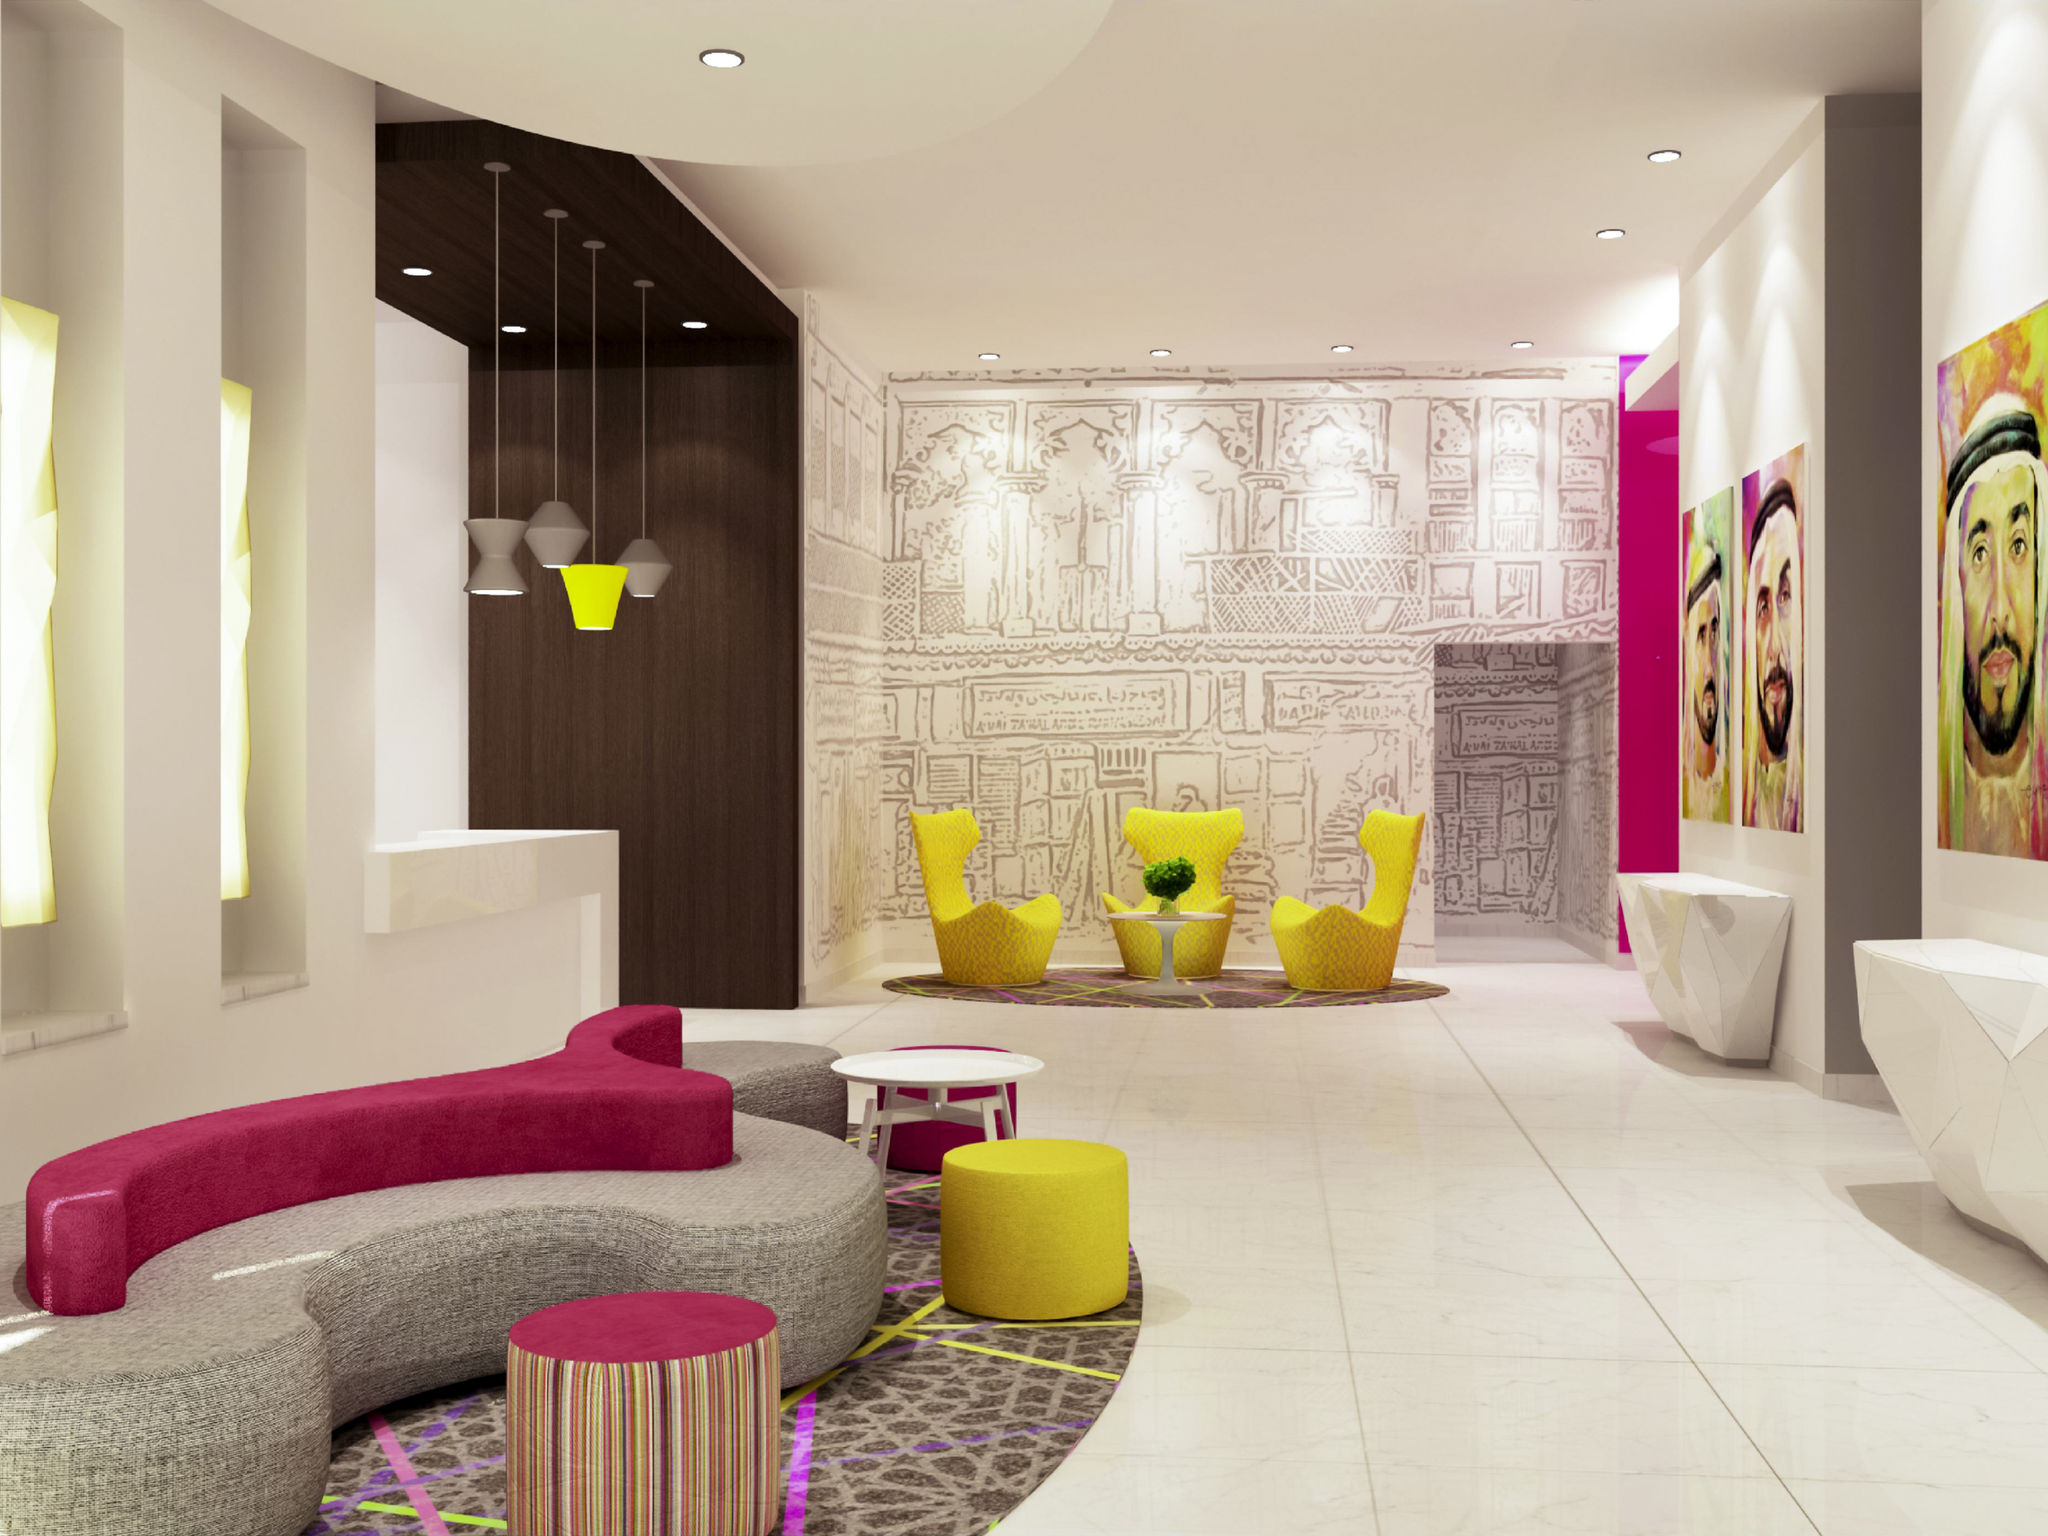 فندق - إيبيس ستايلز ibis styles الشارقة